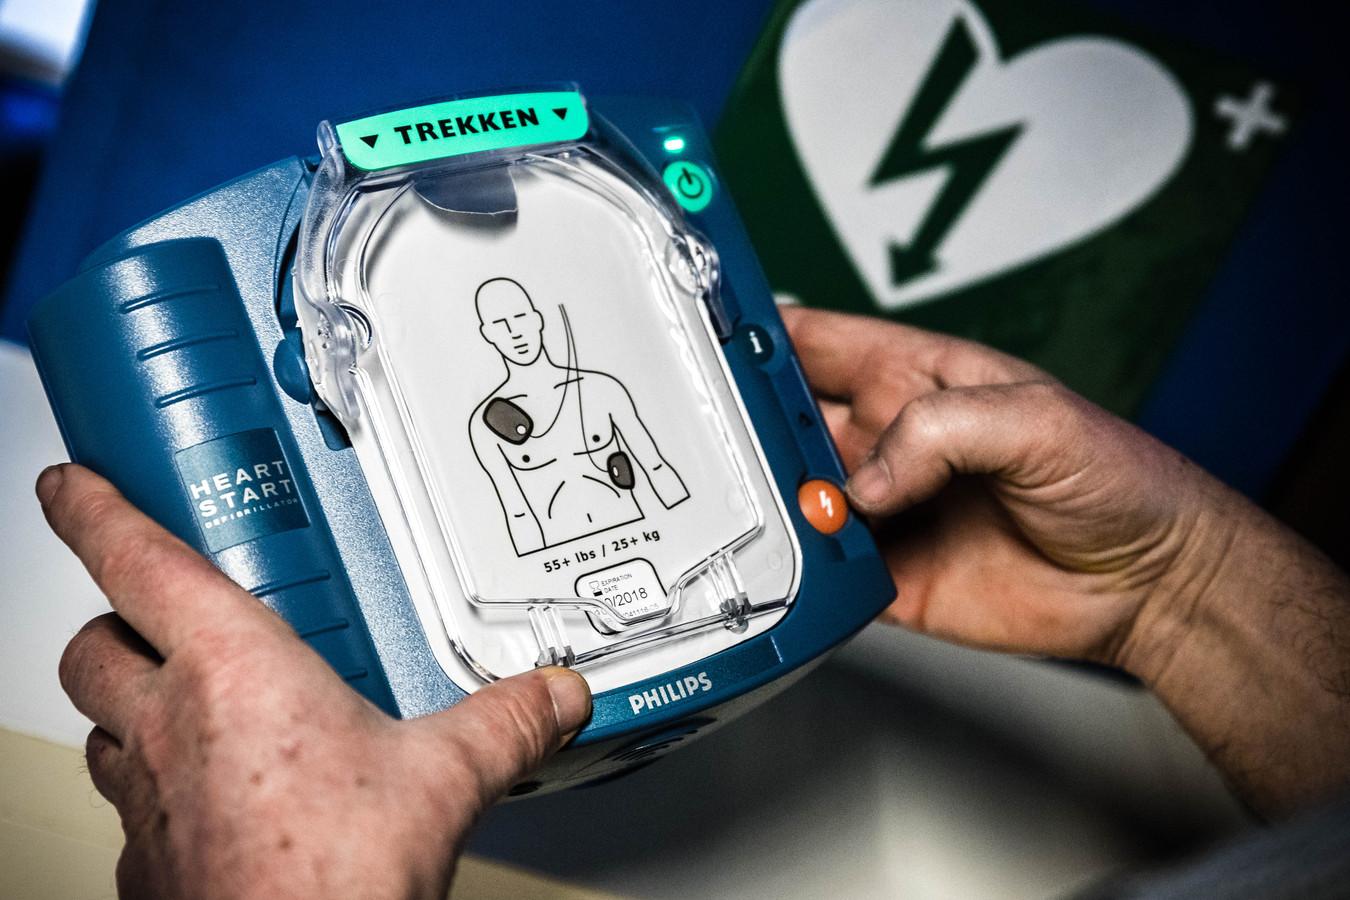 Een automatische externe defibrillator, oftewel AED. In Zeewolde zijn er verspreid over het hele dorp inmiddels meer dan dertig beschikbaar.